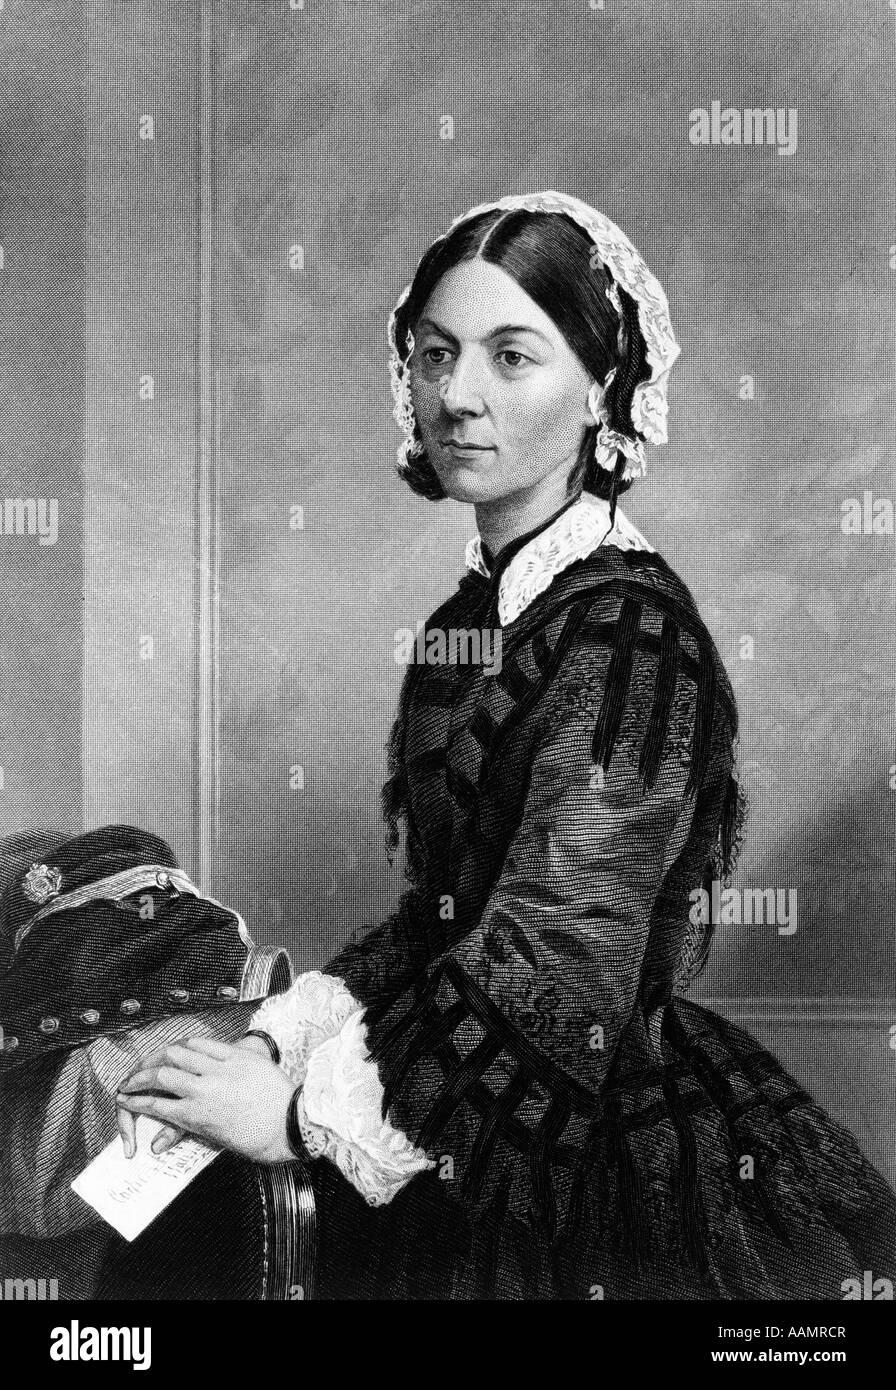 Années 1800 Années 1870 PORTRAIT FLORENCE NIGHTINGALE INFIRMIÈRE BRITANNIQUE FONDATEUR DE SOINS INFIRMIERS Photo Stock